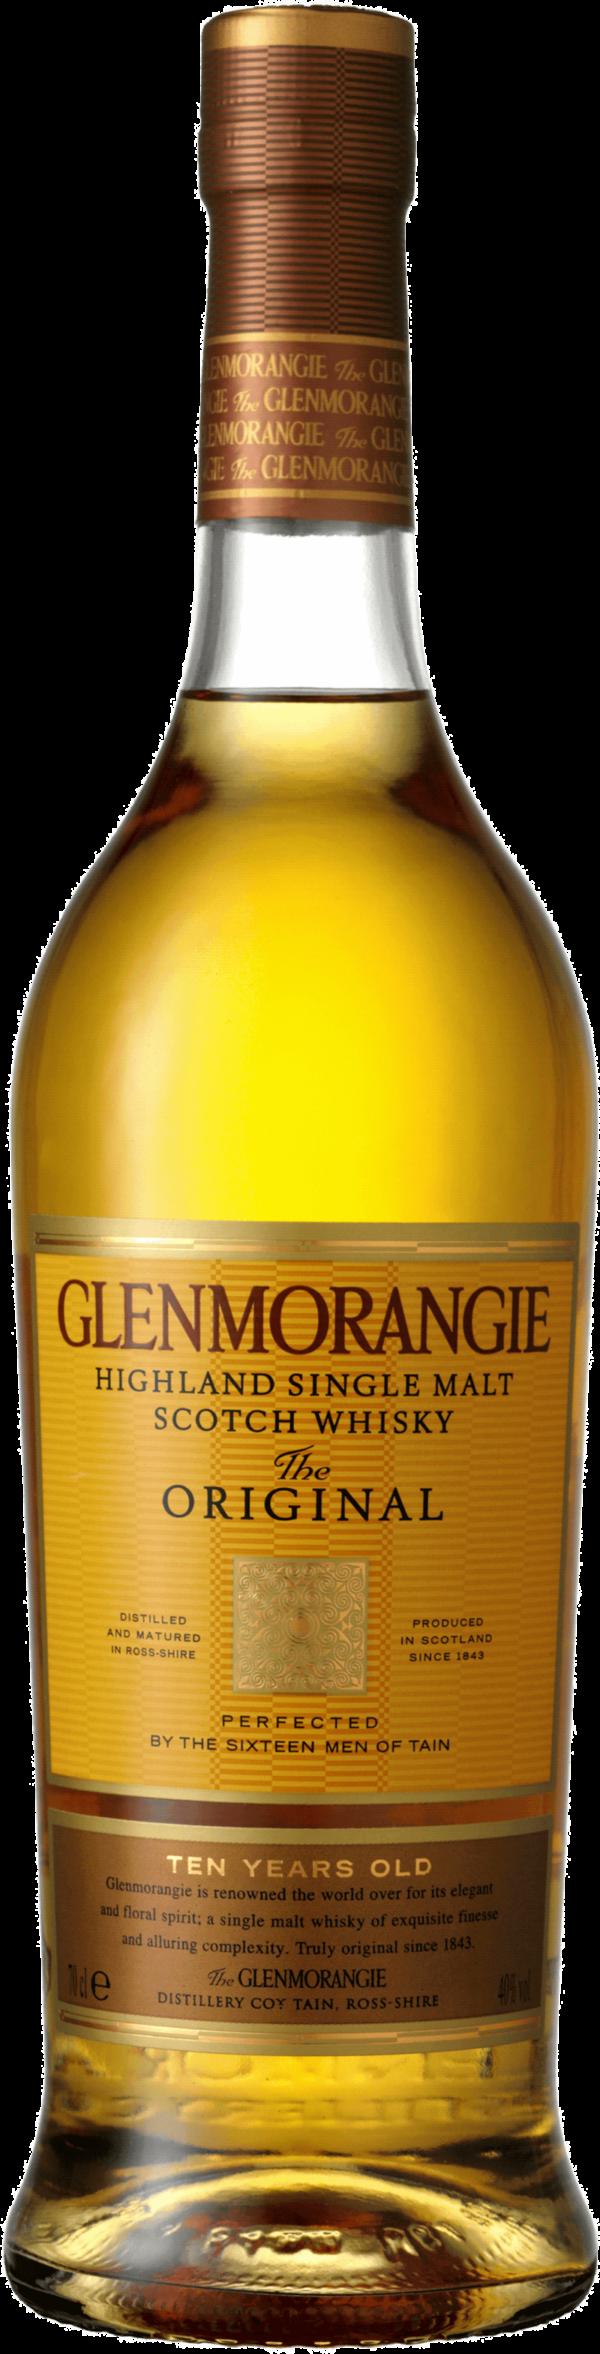 Glenmorangie 10 Years. En Whisky av typen Maltwhisky i en 700 Flaska från Skottland